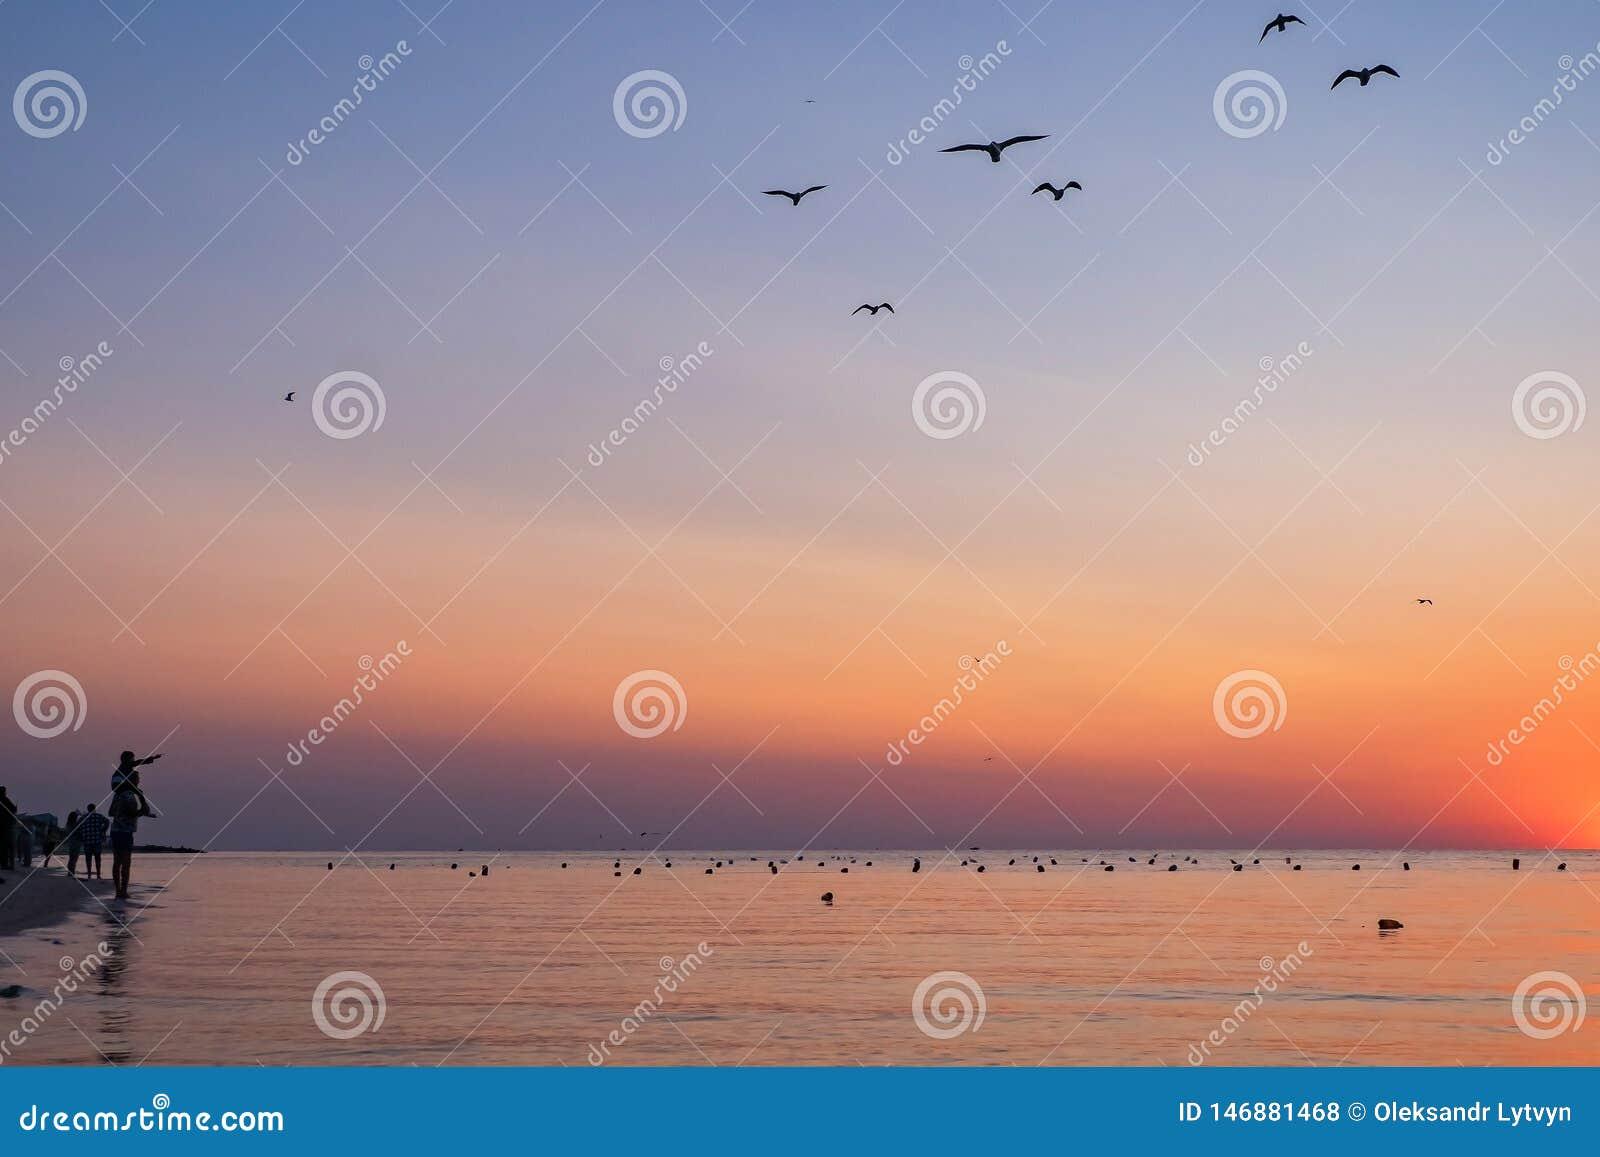 Os povos encontram o nascer do sol colorido na praia ao mar silhuetas dos povos e das gaivotas o pai guarda uma criança no seu